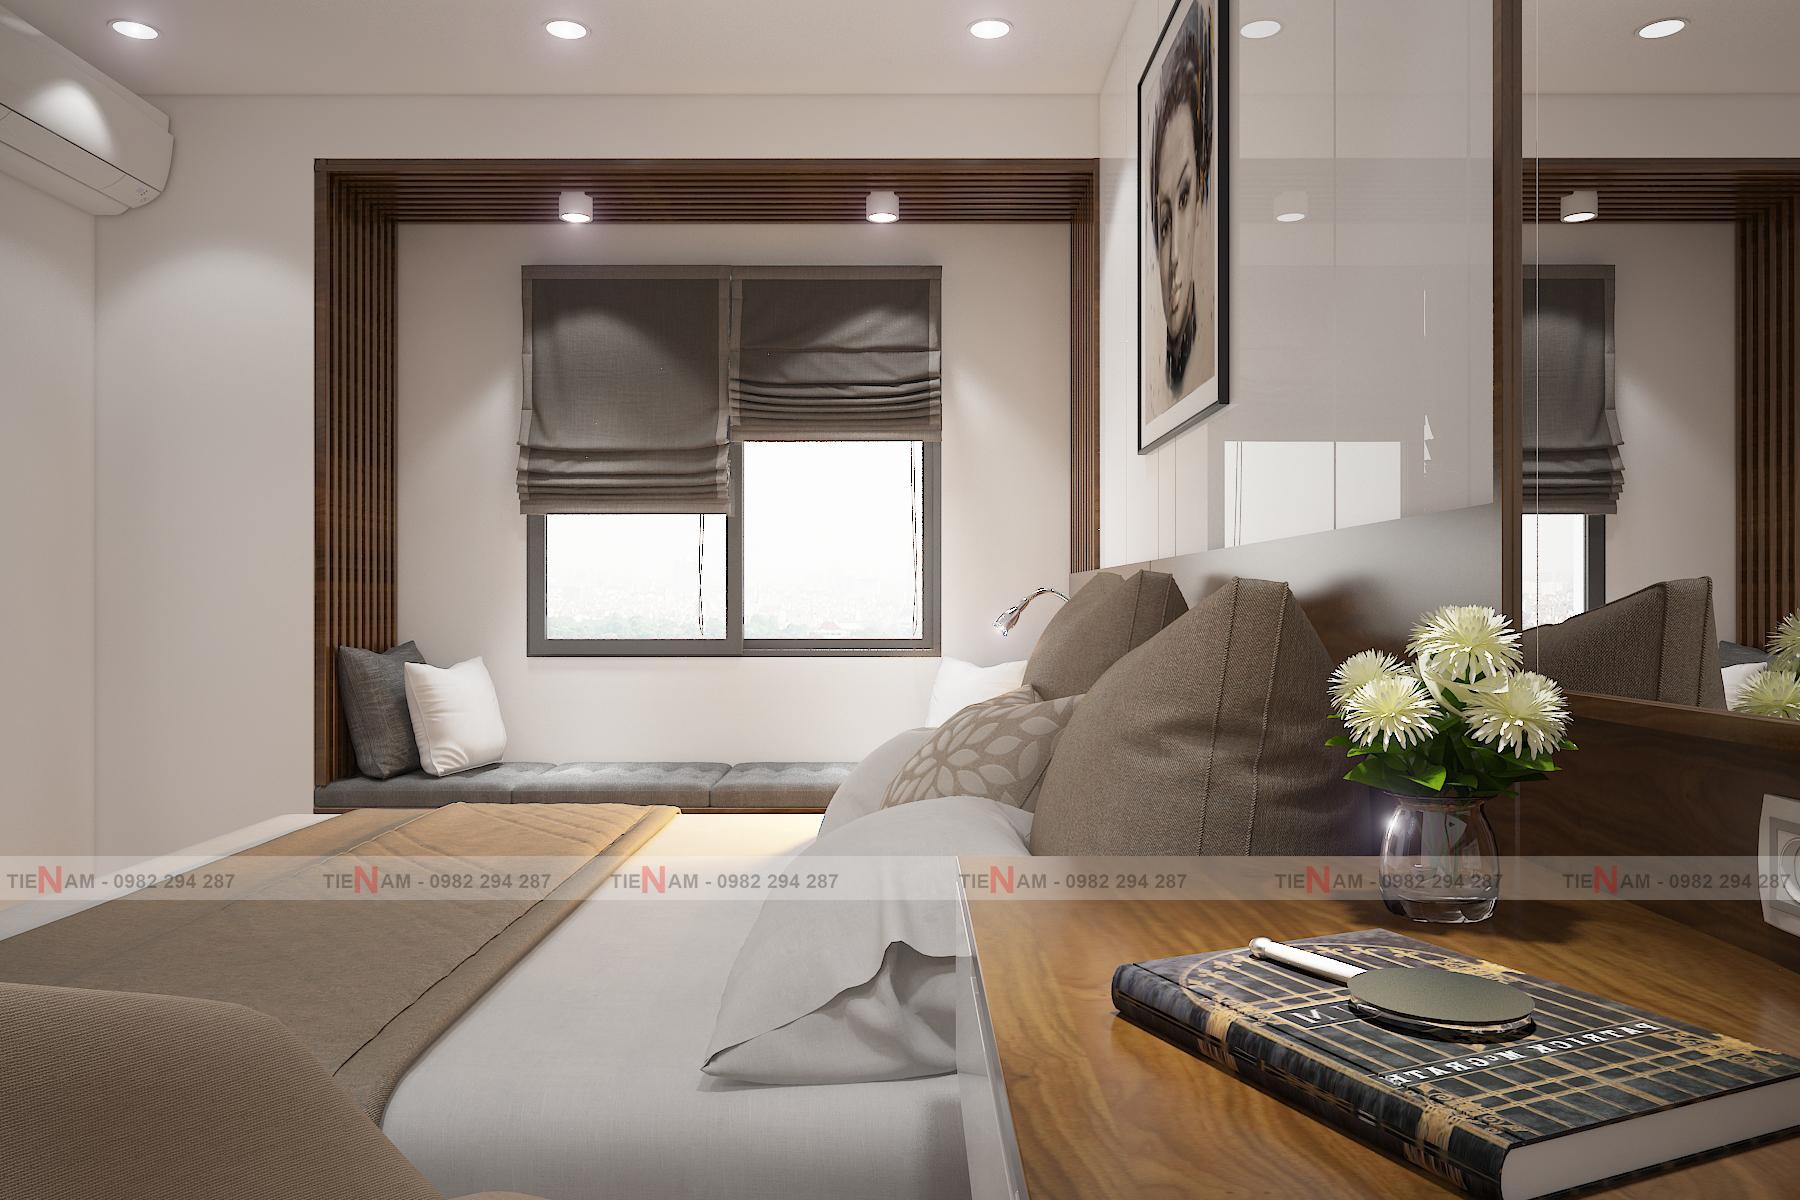 Thiết kế Chung Cư tại Hà Nội Chung cư Phố Vọng 1573054621 6